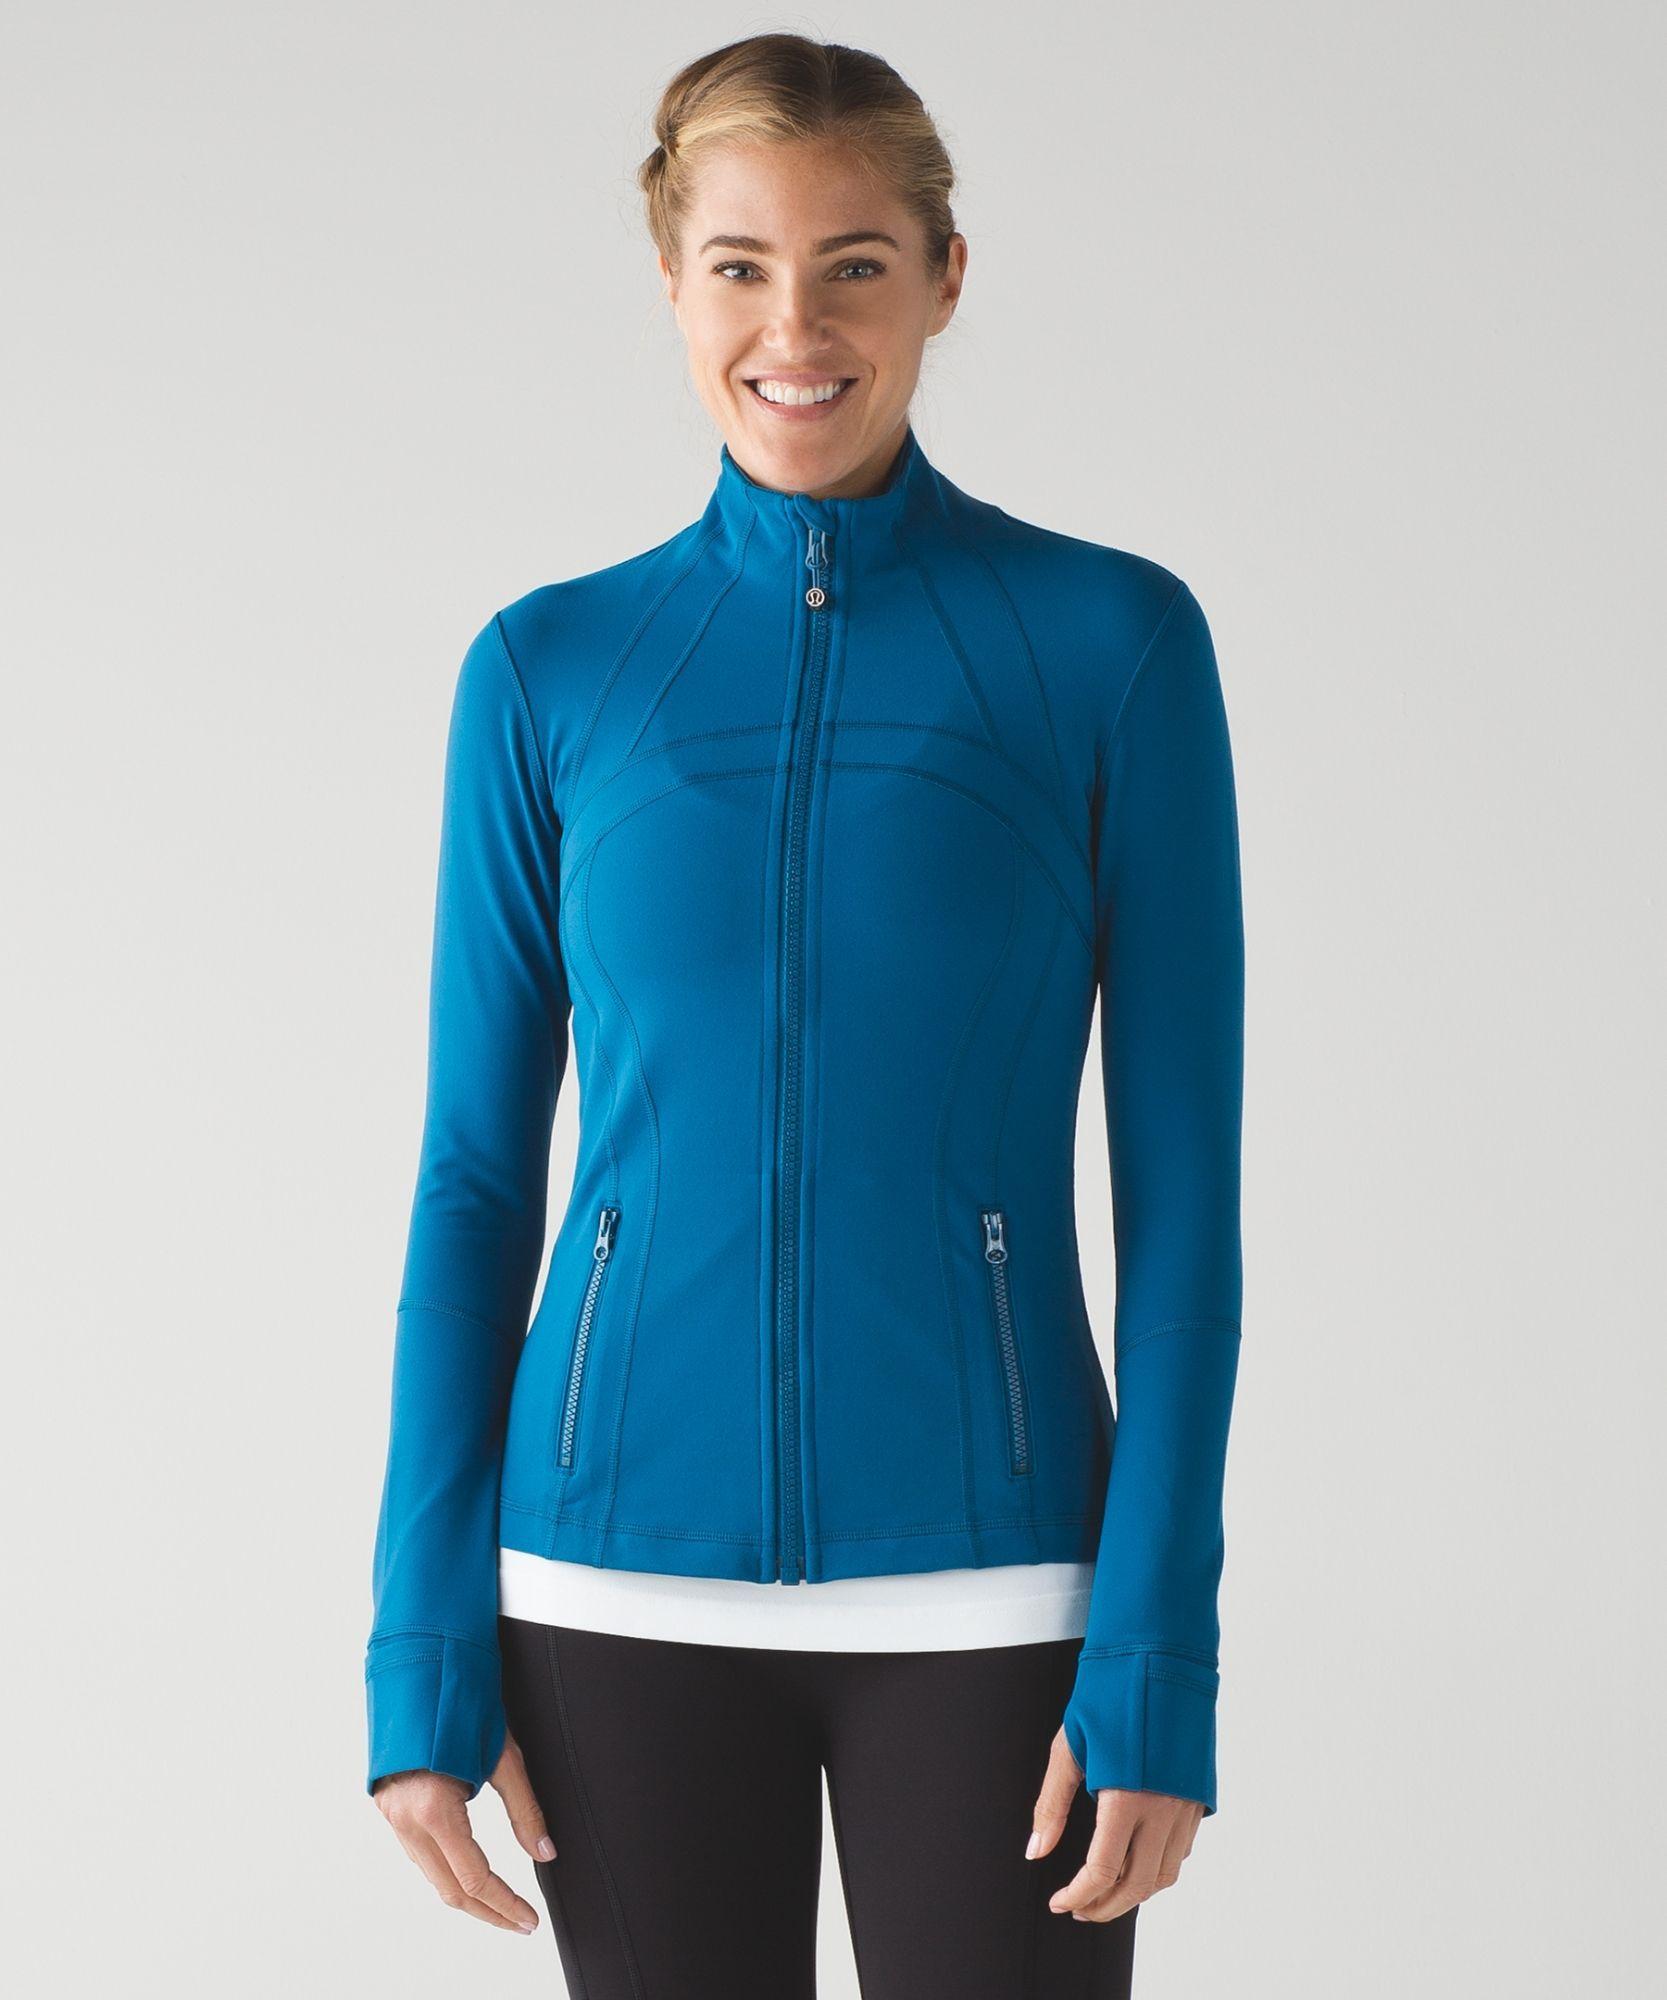 Define Jacket Women S Jackets Lululemon Jackets Outerwear Women Clothes For Women [ 2000 x 1667 Pixel ]